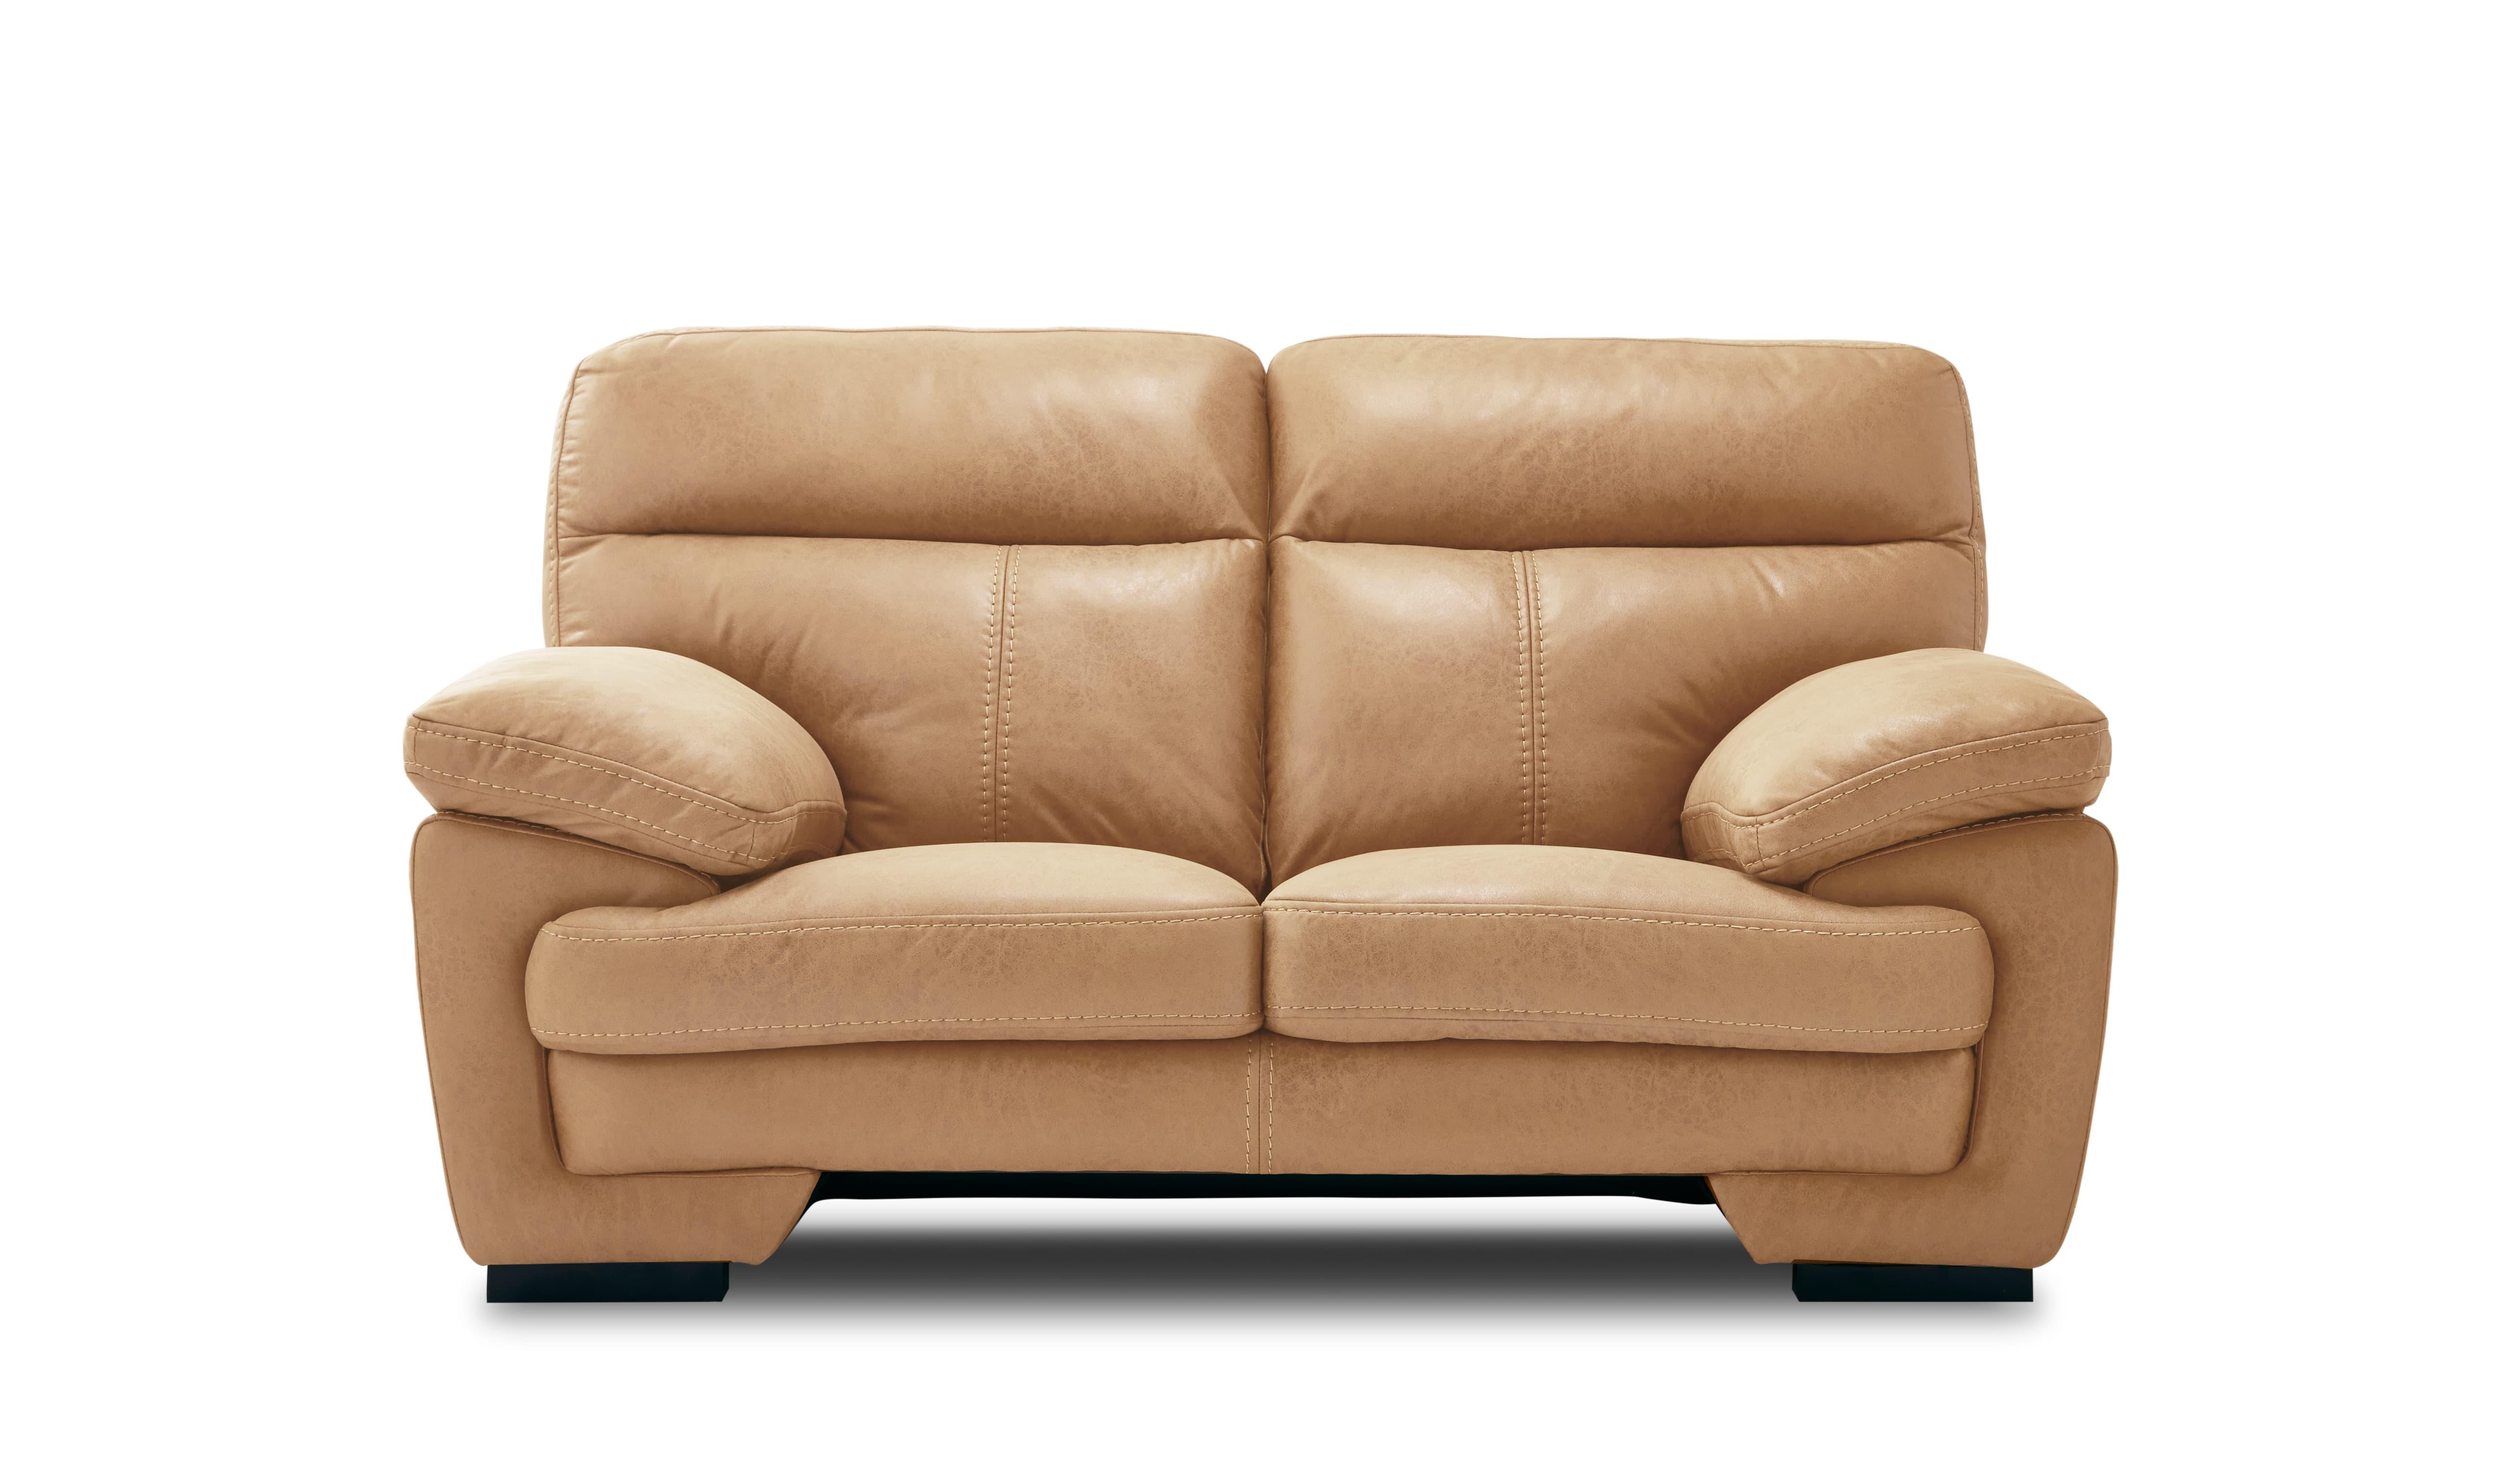 2人掛けソファー イゾラ クラフトBE:◆新素材「レザーテックス」を使用したソファー